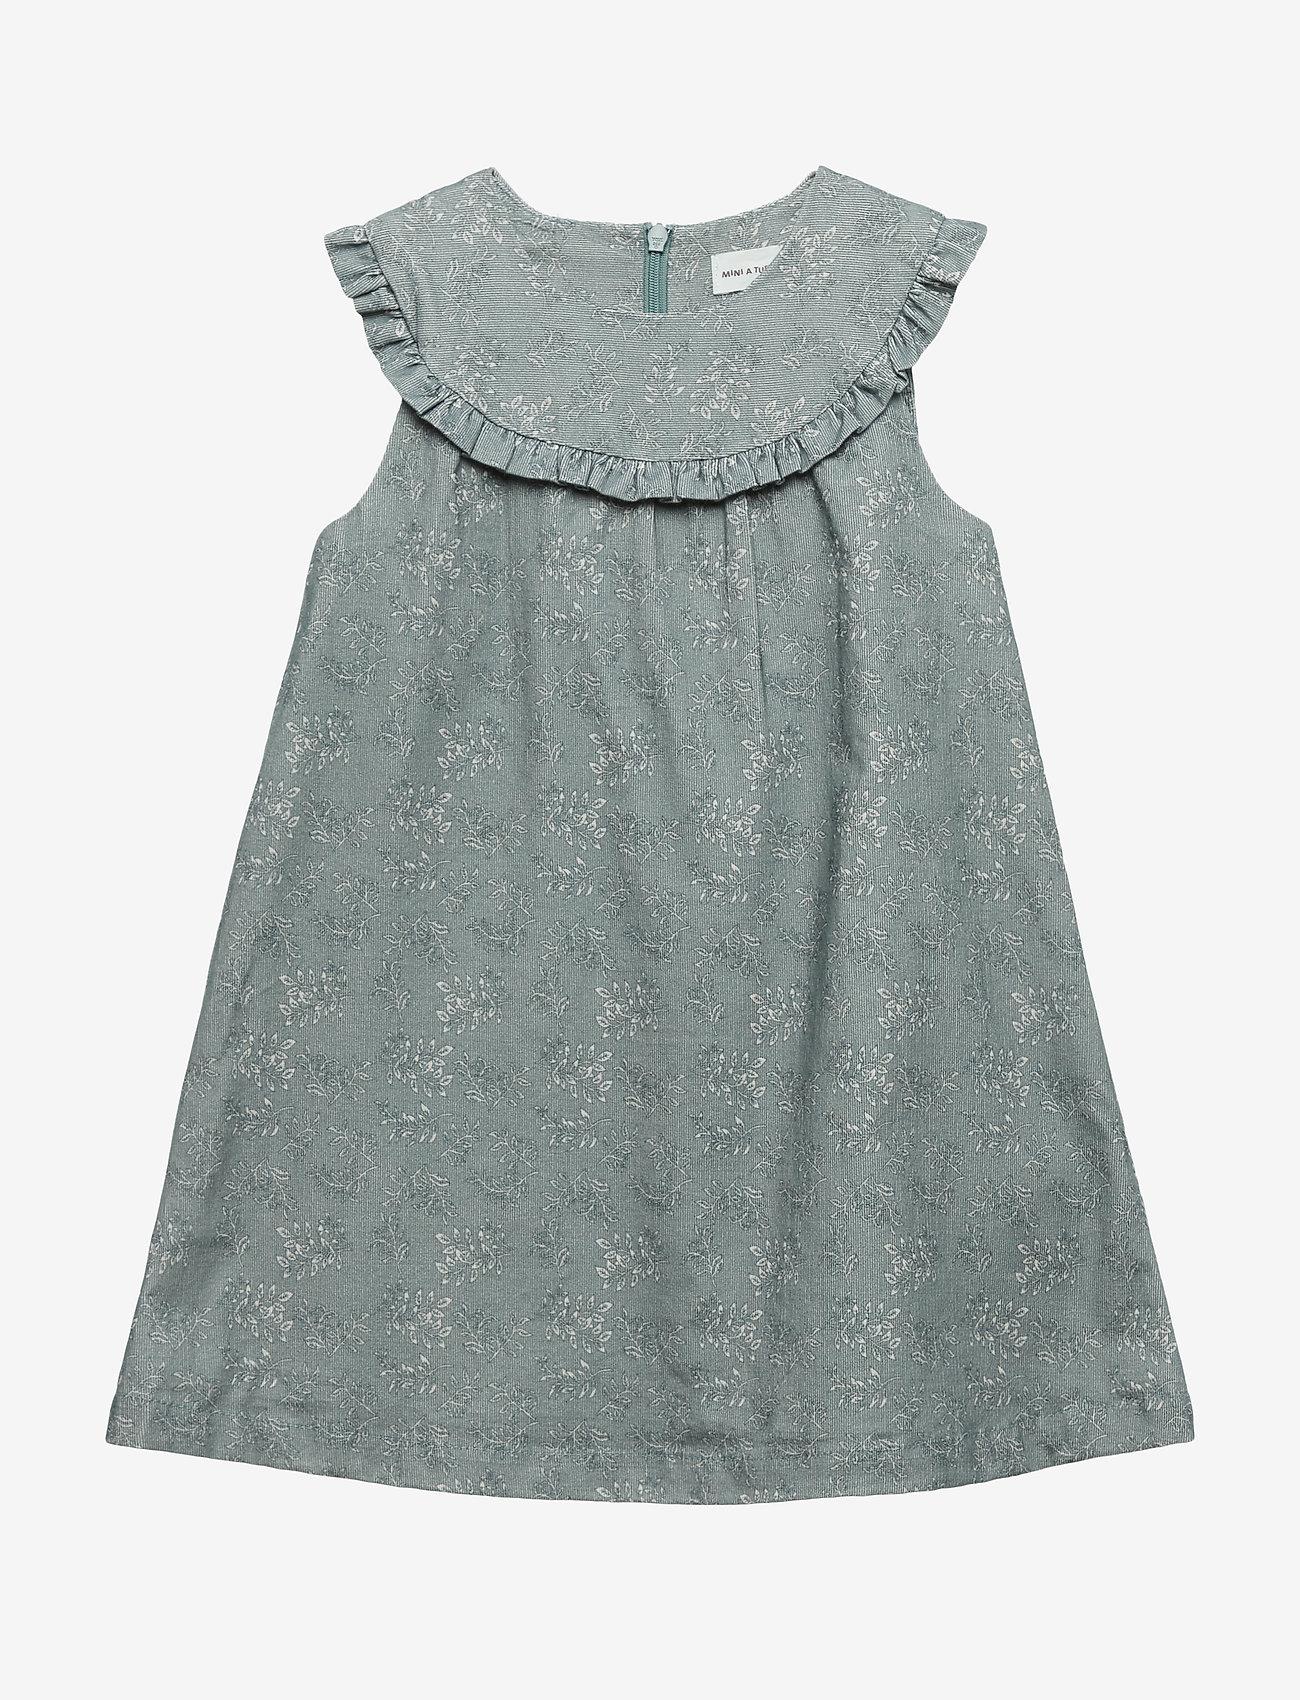 Mini A Ture - Stasia dress, M - kjoler - chinois green - 0